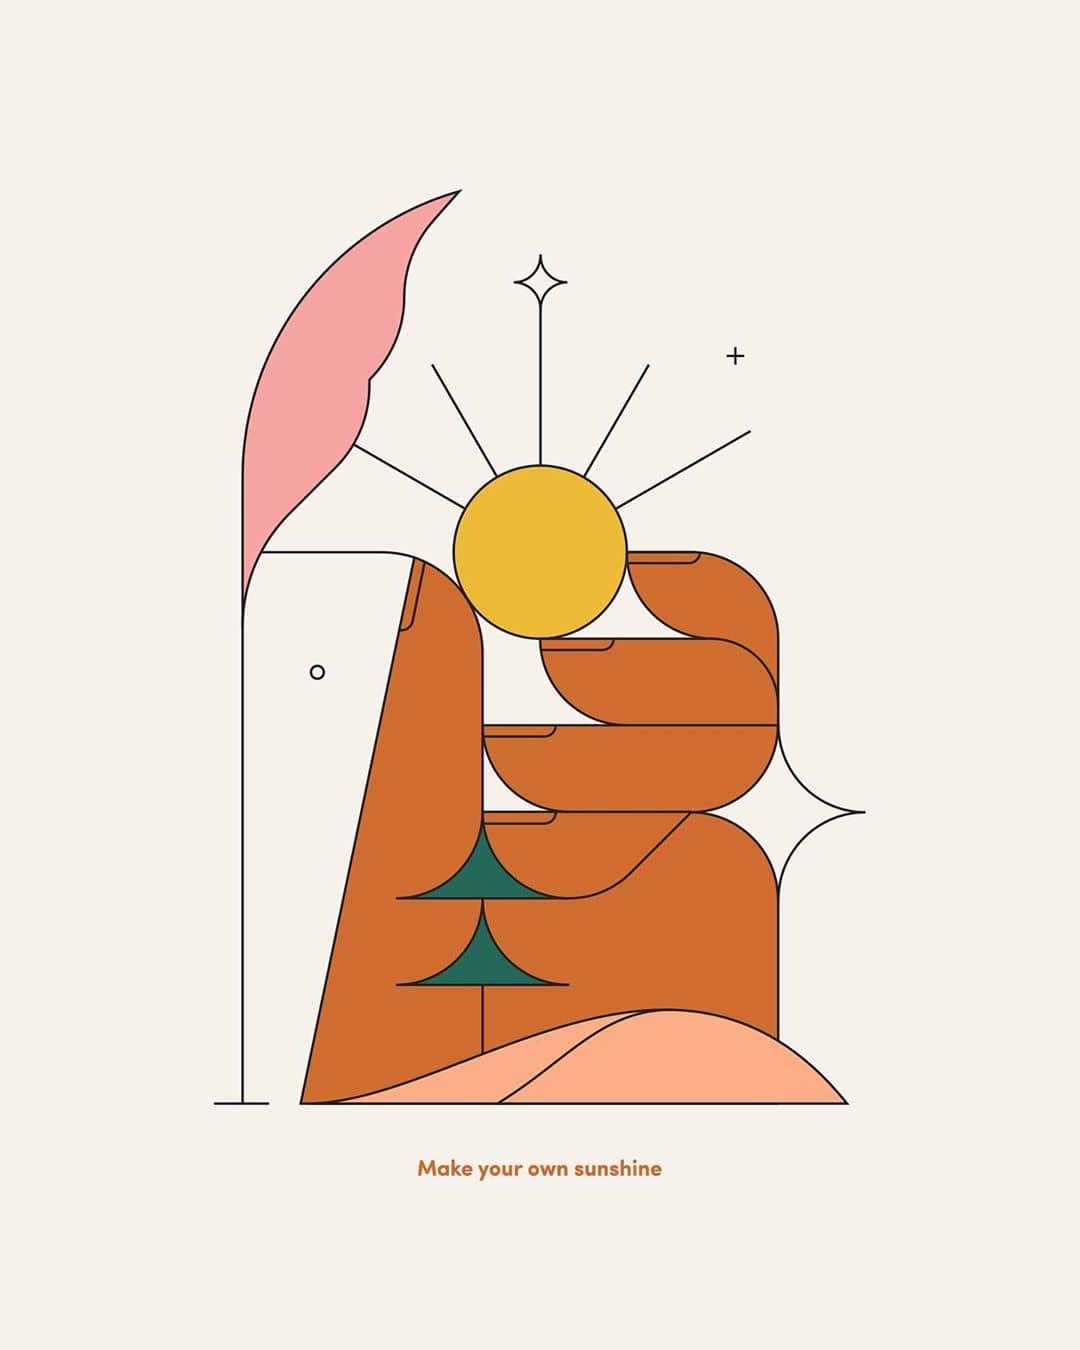 ilustración del sol por Calvin sprague